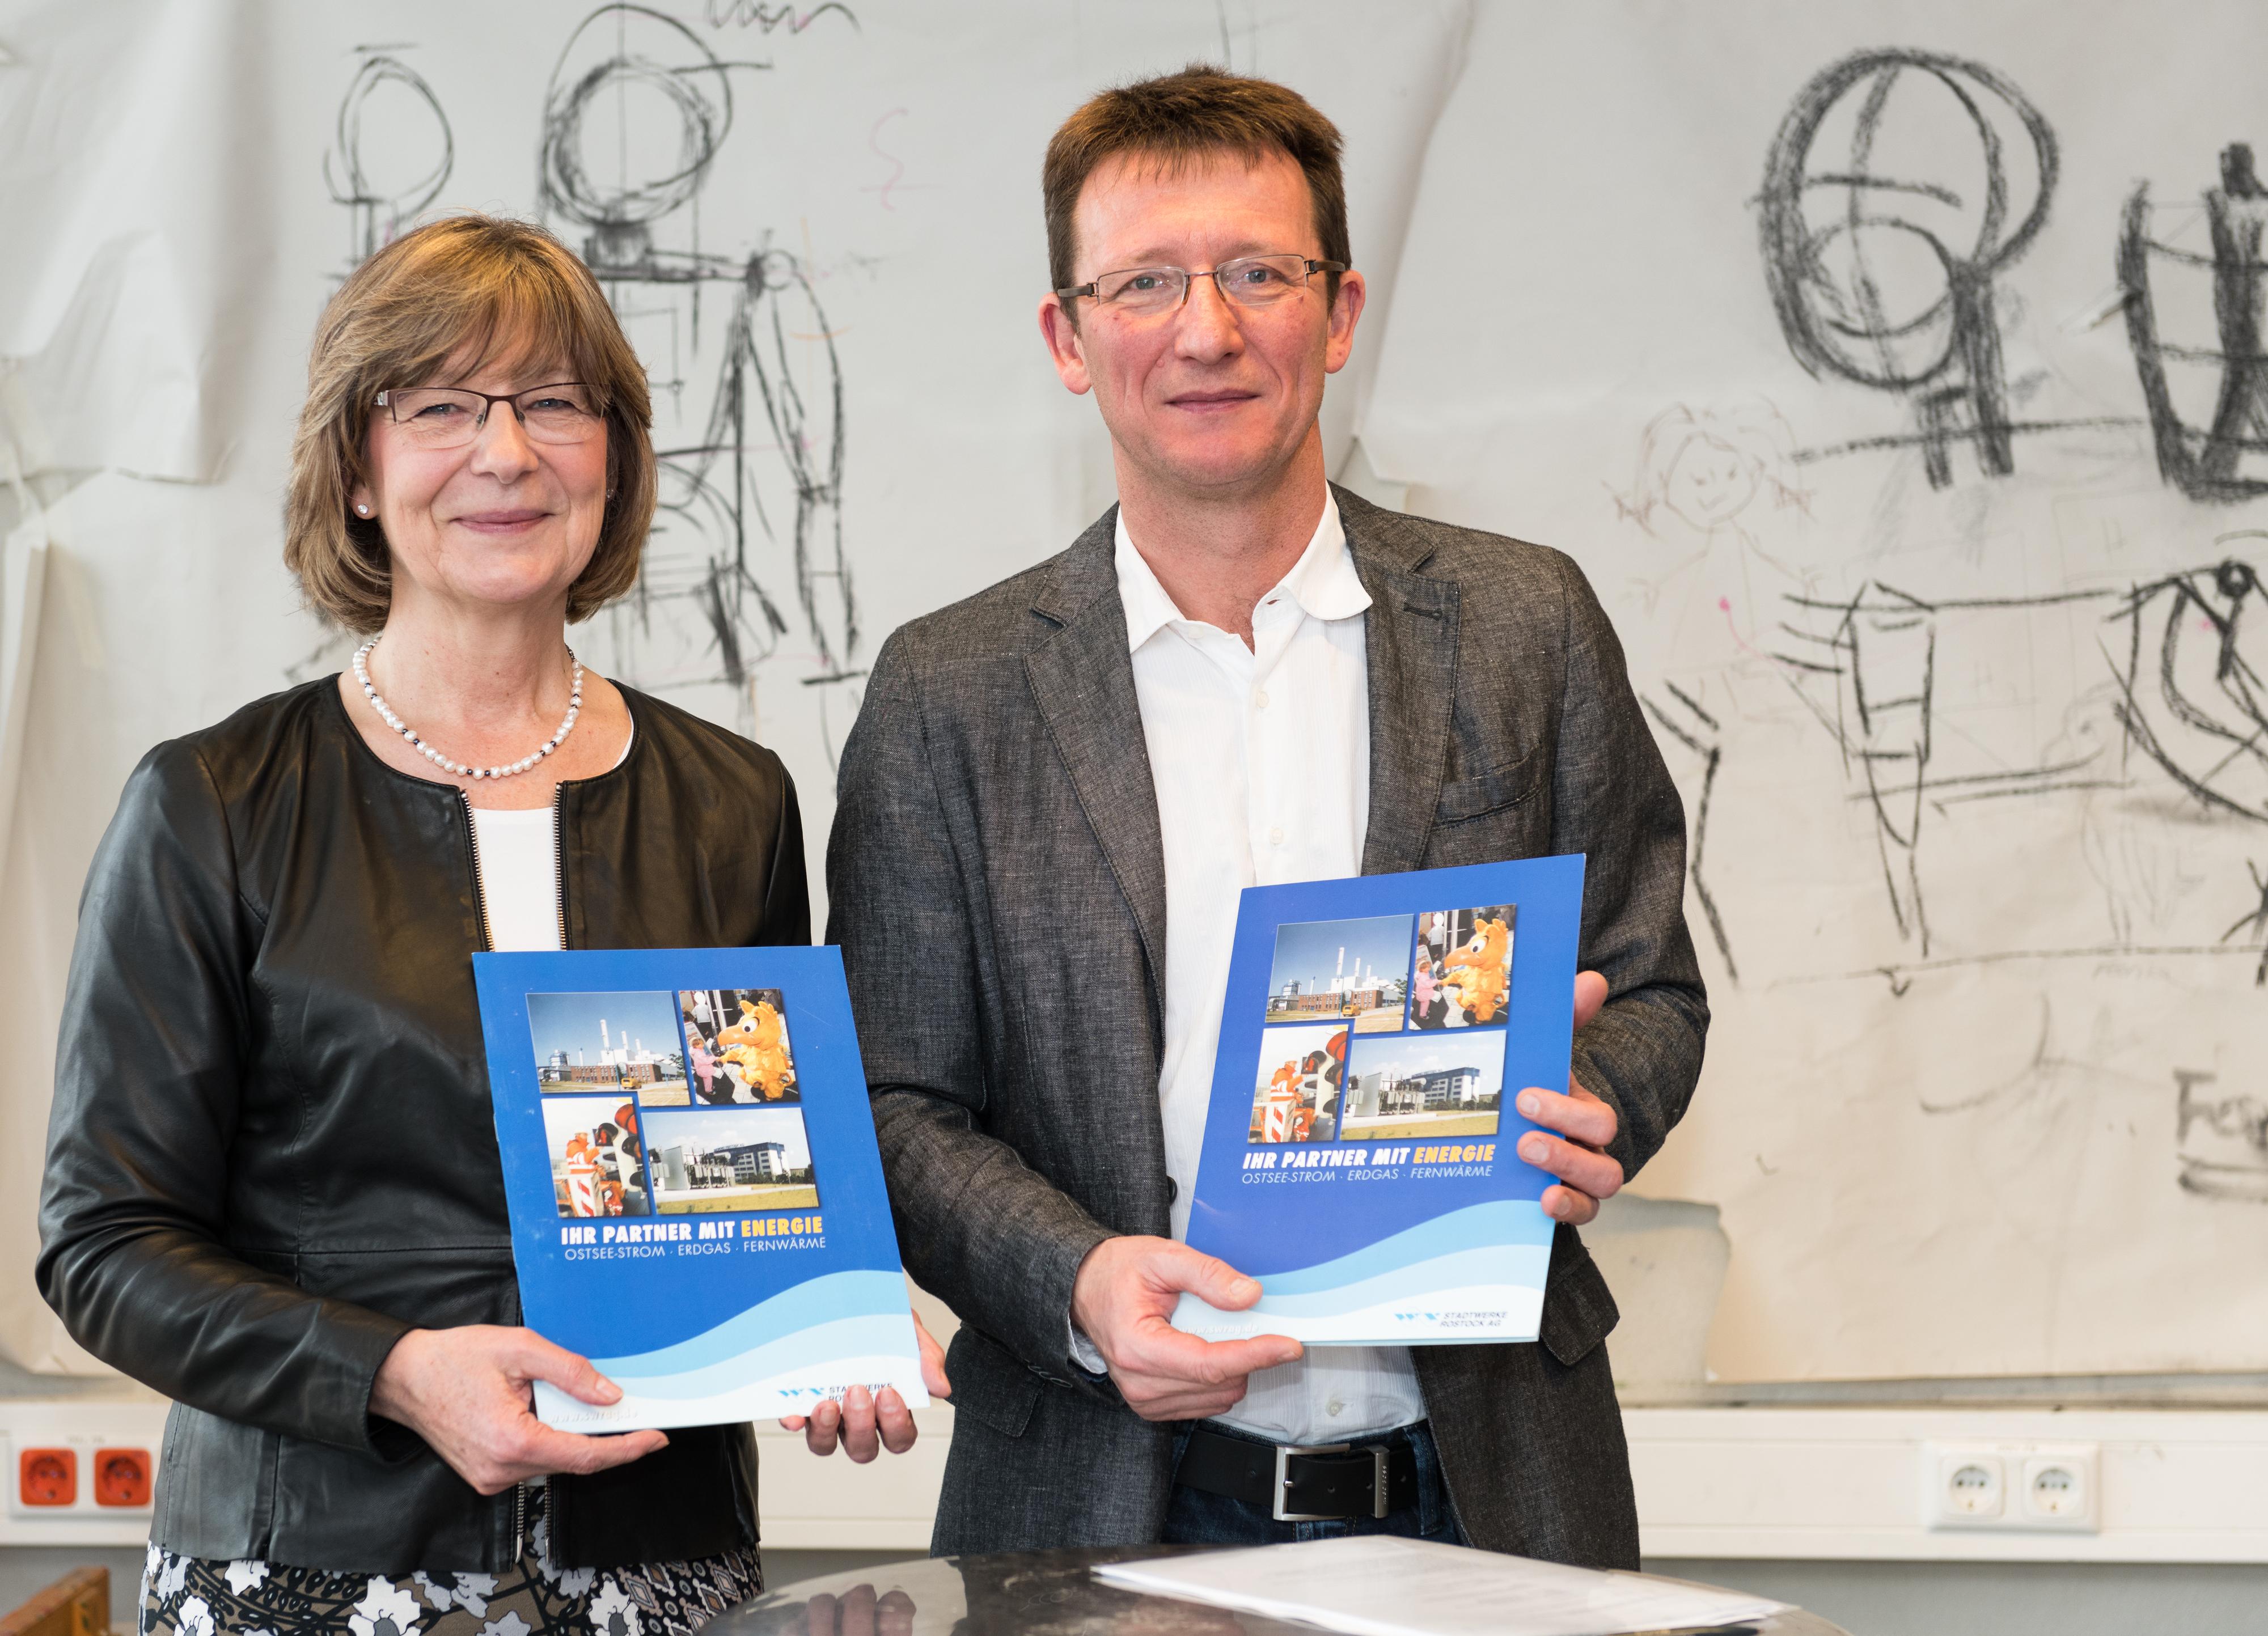 Vertragsverlängerung Stadtwerke Partnerschaft mit KARO gAG v.l.n.r. Ute Römer (Vorstand Stadtwerke Rostock AG) und Sven Ehrecke (Vorstand KARO gAG). Foto: Magrit Wild